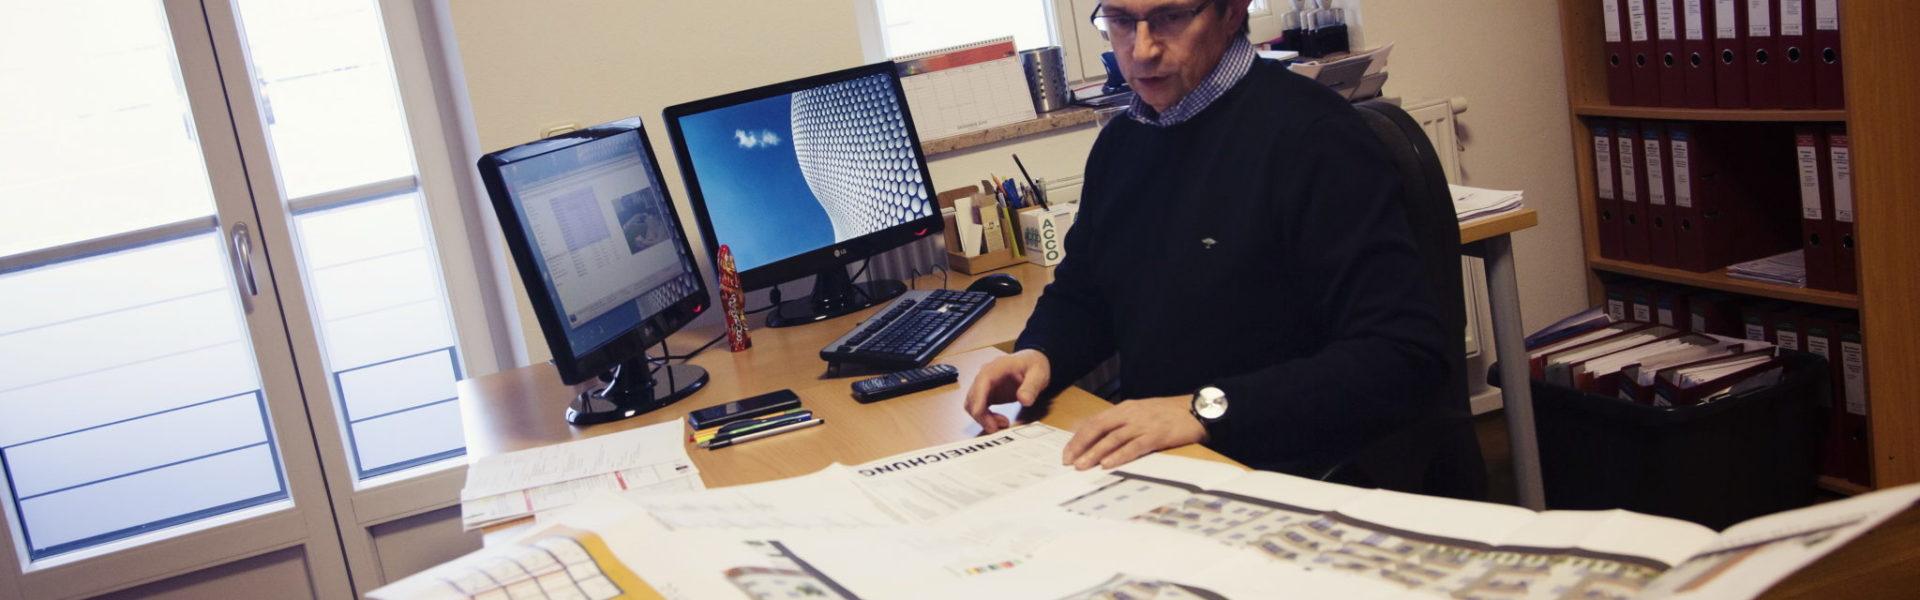 Baumeister Klauser Architektur Wohnraum Wohntraum Haus bauen Baustelle Einfamilienhaus Wohnhausanlage Architekt Amstetten Scheibbs Steyr Mostviertel